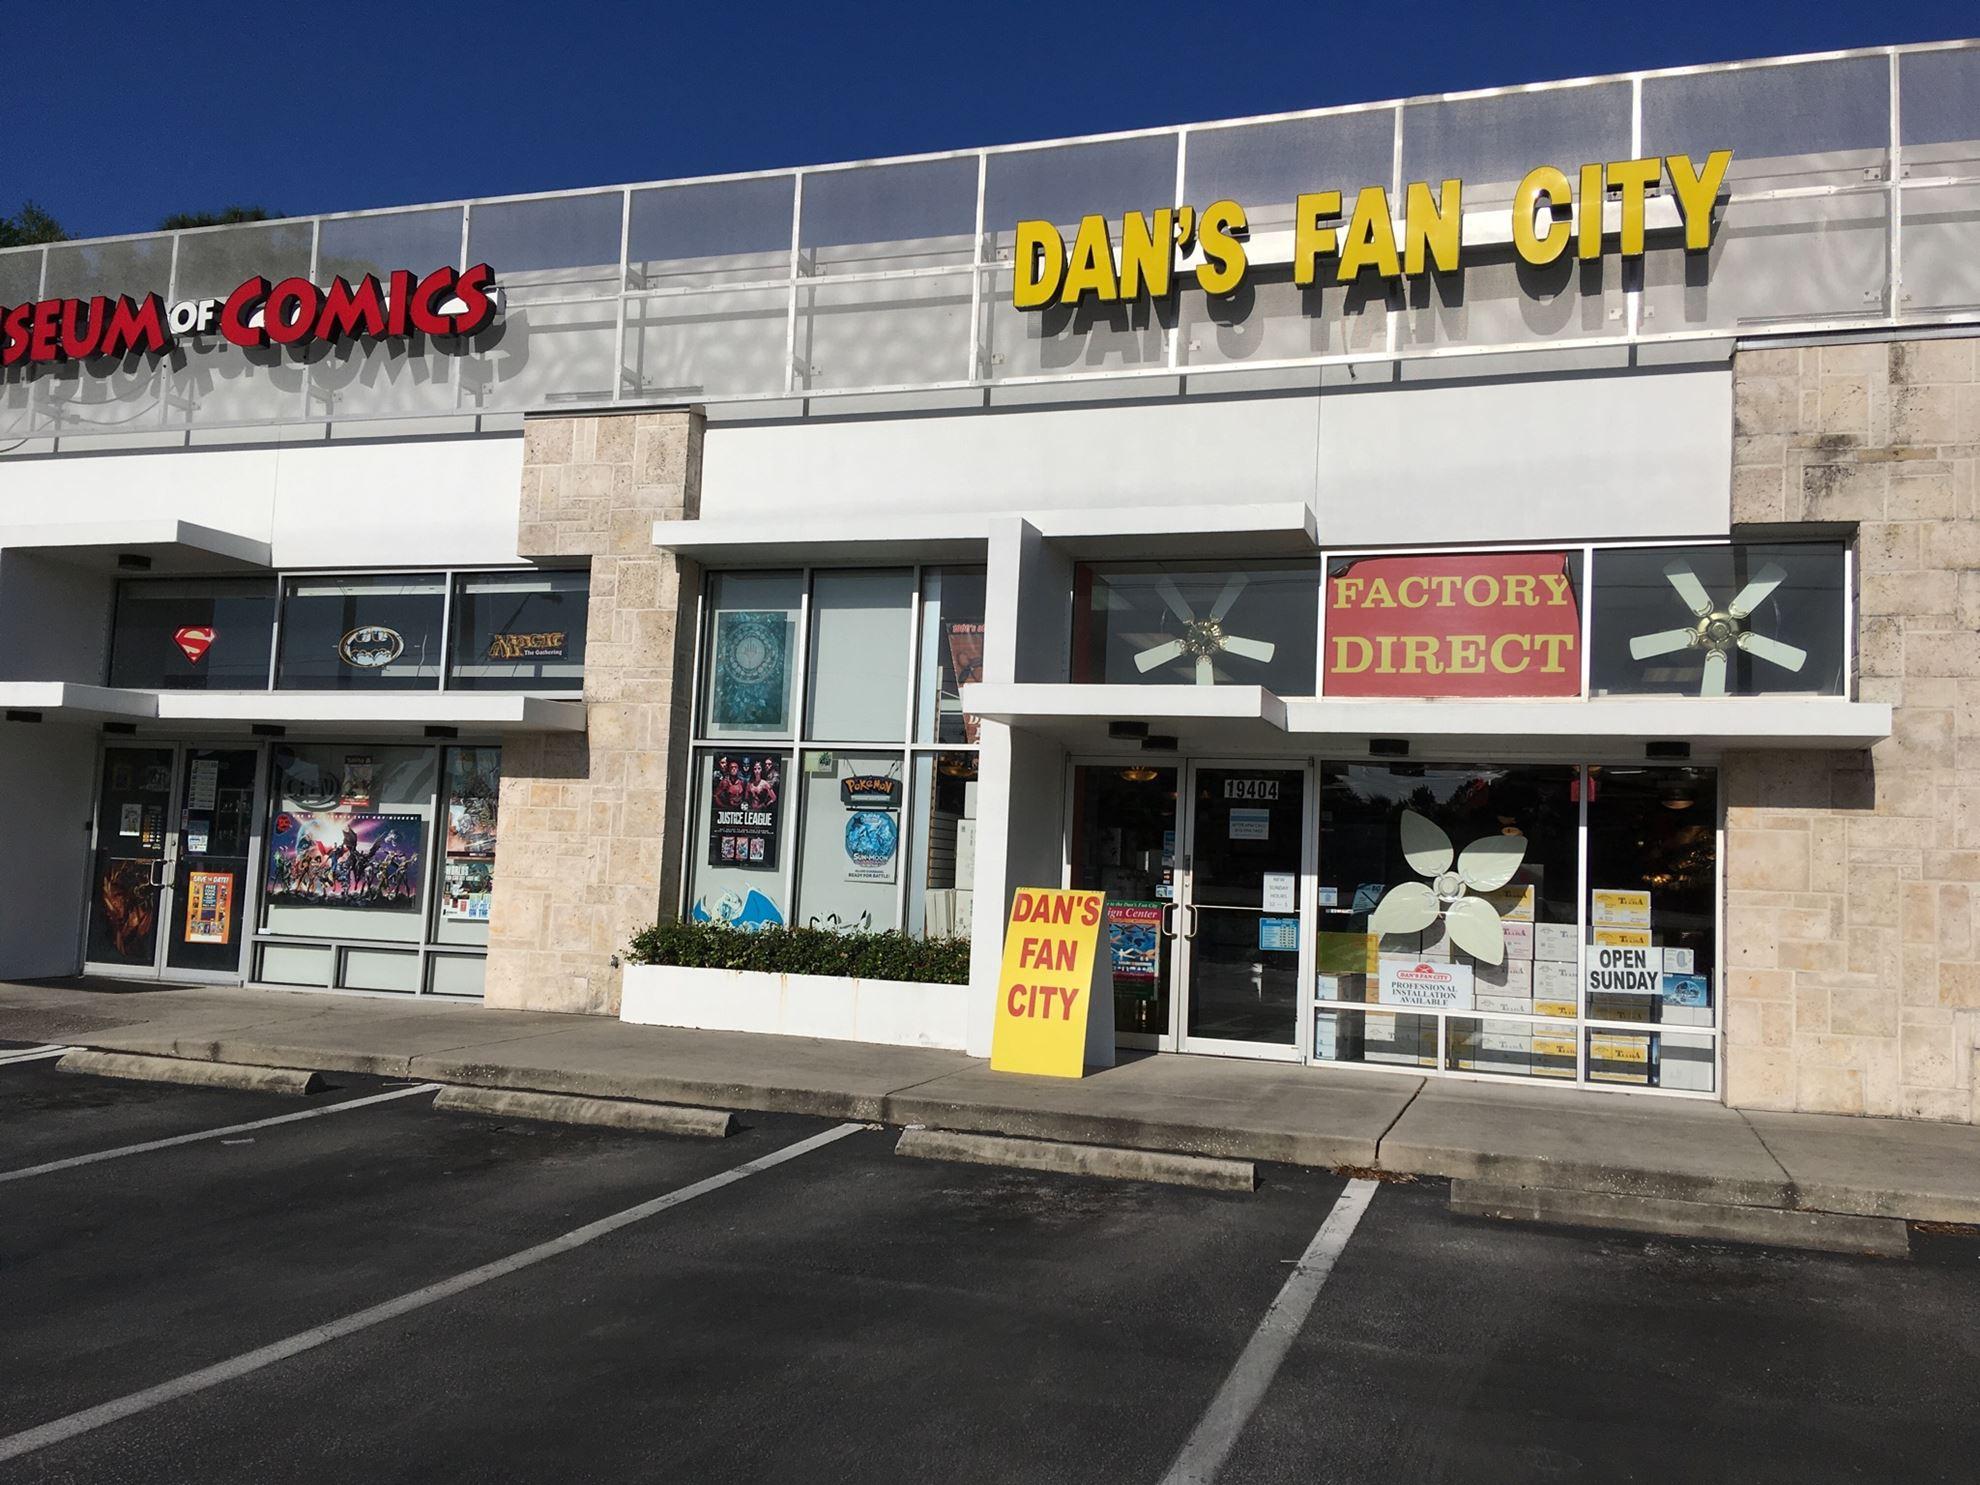 Ceiling Fan Store In New Tampa Fl Dan S Fan City Dan